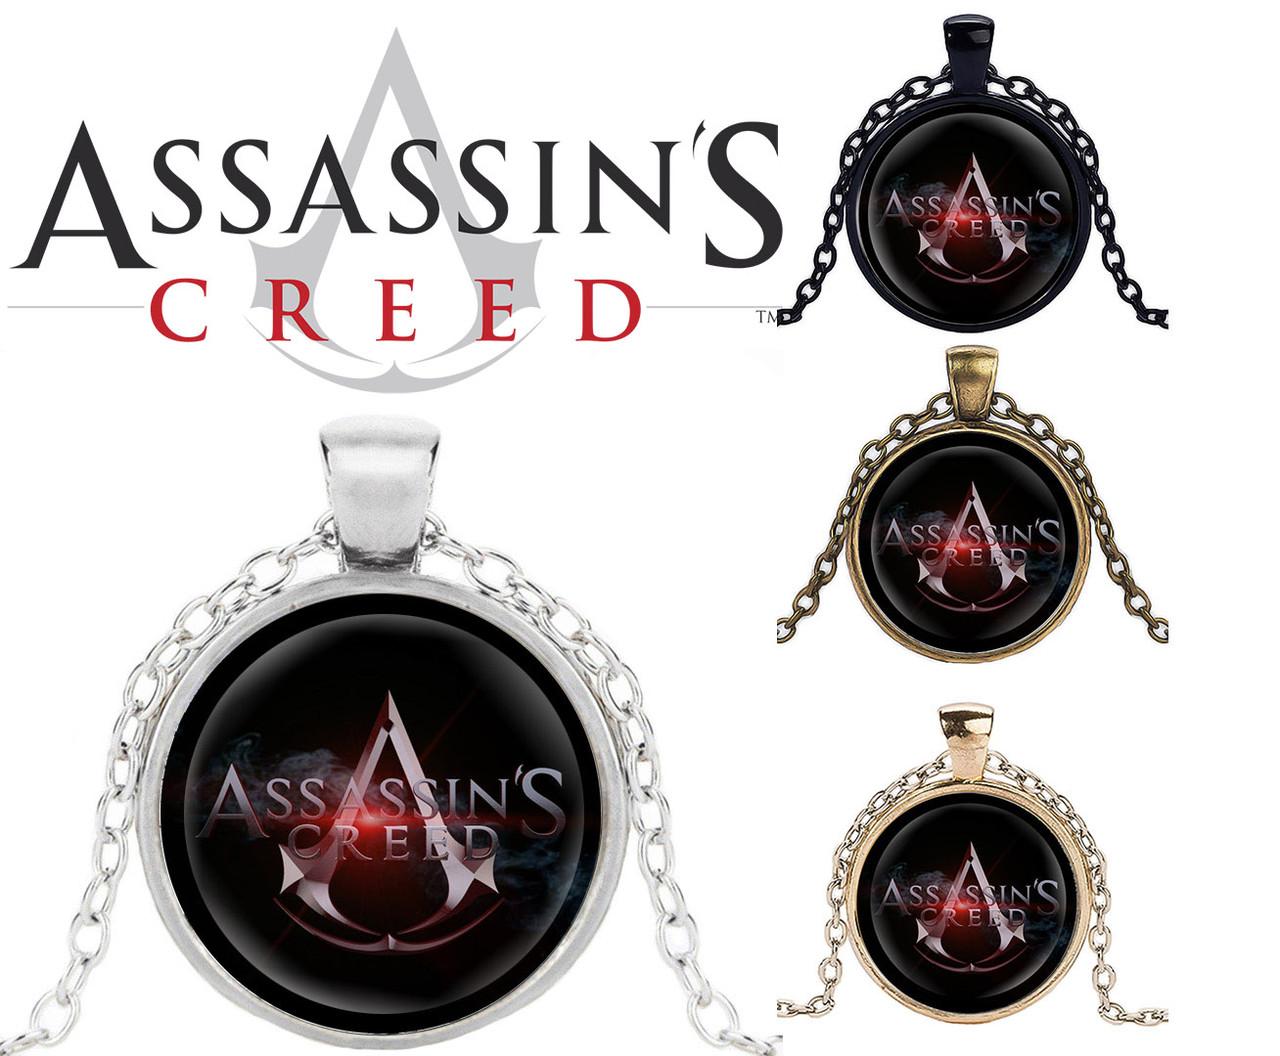 Кулон кредо Ассасина Assassin's Creed Кредо Ассасина Black Edition